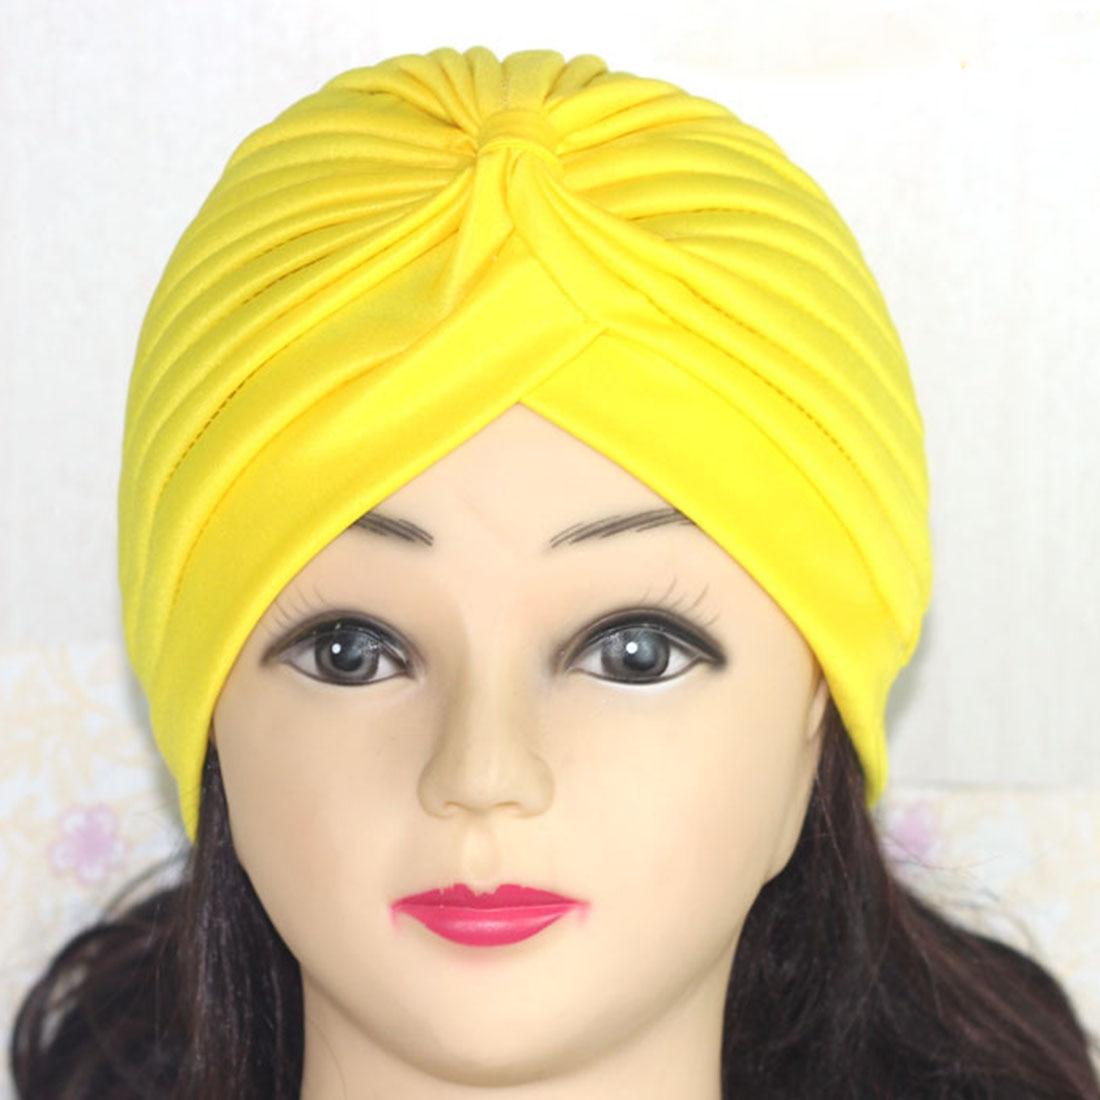 Хиджаб шарф тюрбан шапка s мусульманский головной платок Защита от солнца Кепка Женская хлопковая мусульманская многофункциональная тюрбан платок femme musulman - Цвет: 7